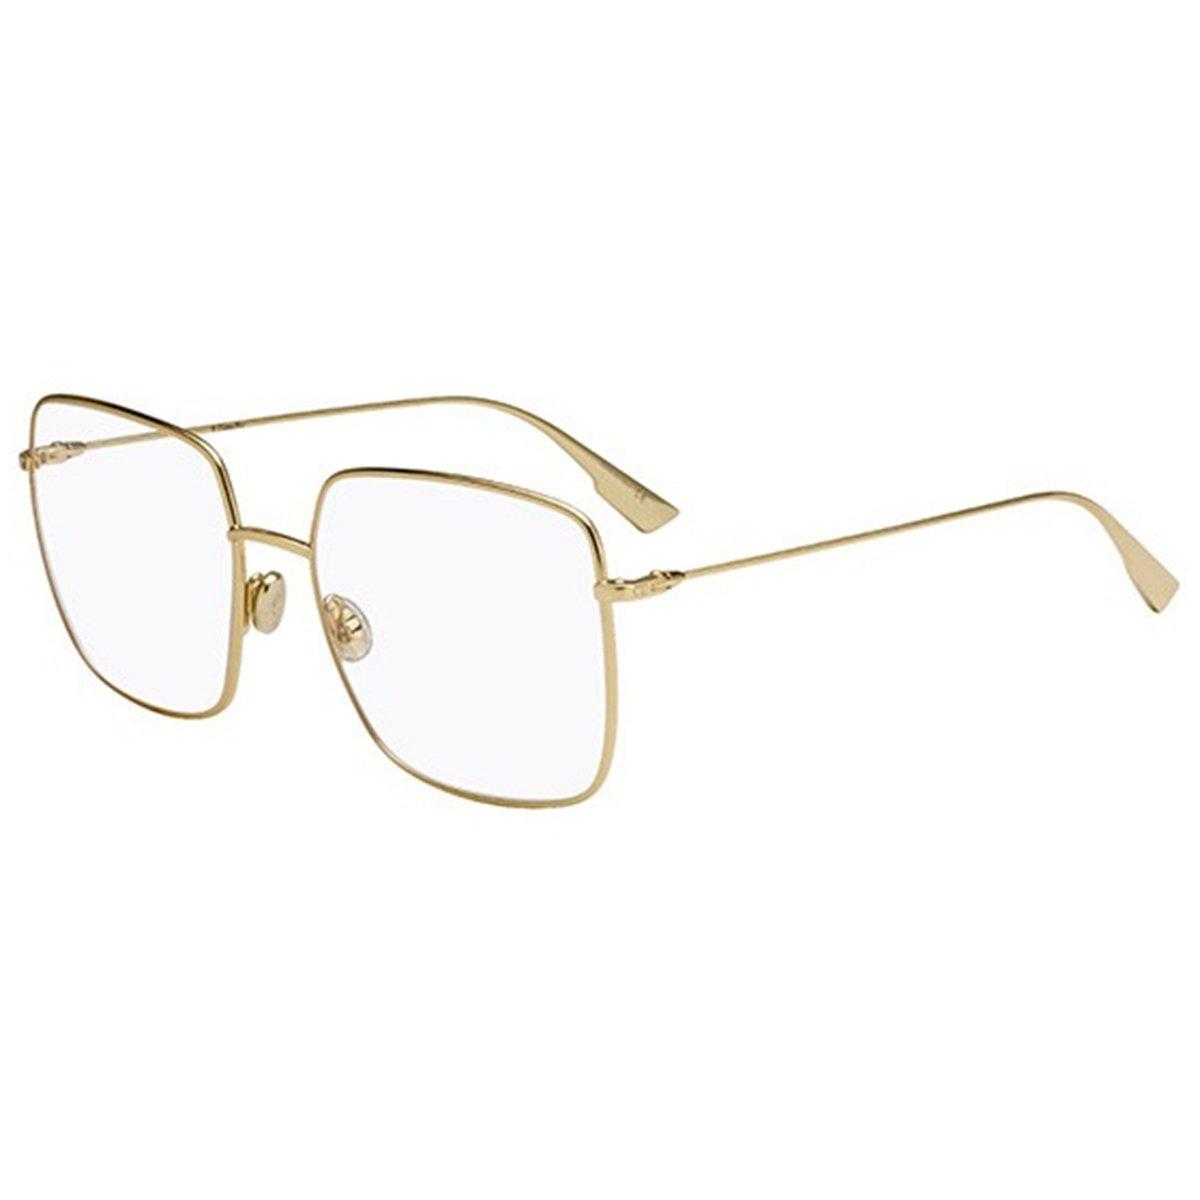 Compre Óculos de Grau Dior Stellaire 01 em 10X   Tri-Jóia Shop dbd32bedb8